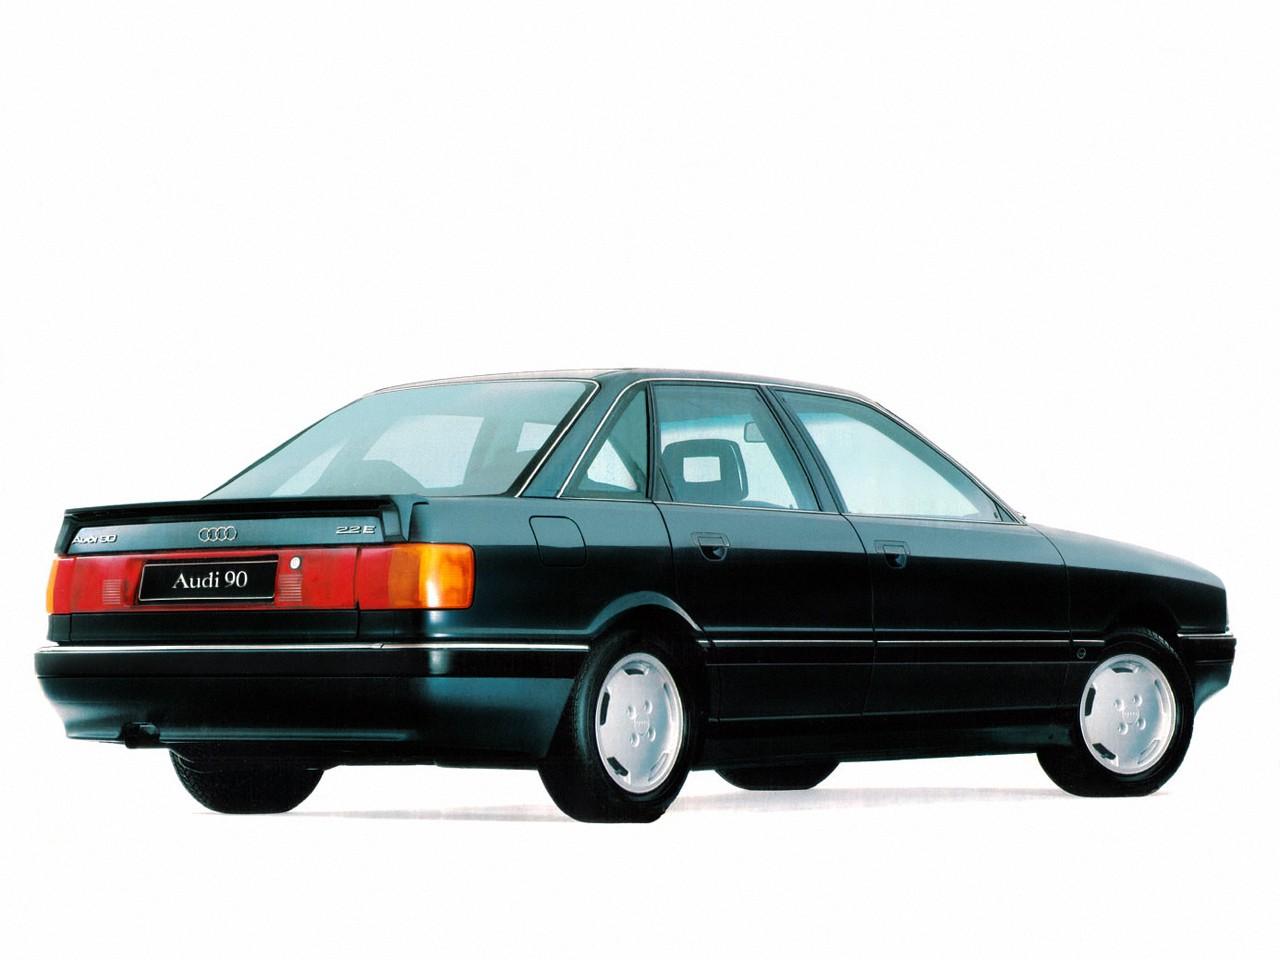 audi 90 (b3/typ 89/8a) (1987—1991)